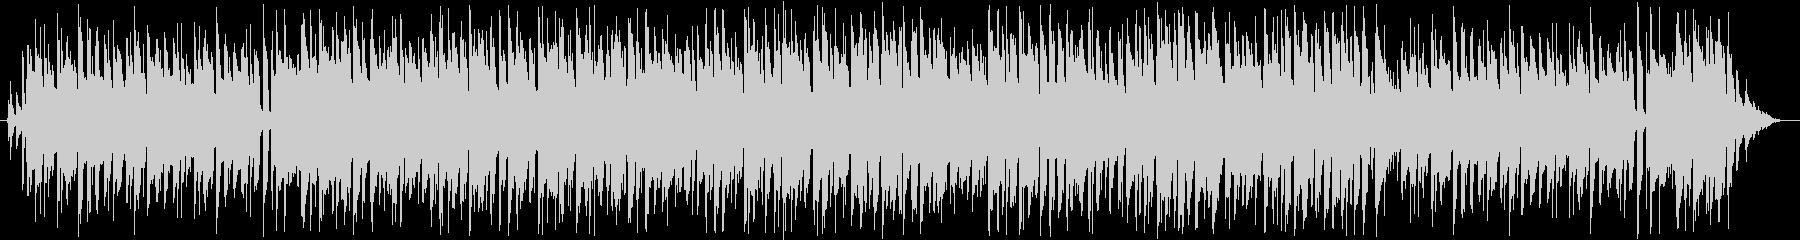 ギターメロディーのボサノバ、ループ曲の未再生の波形